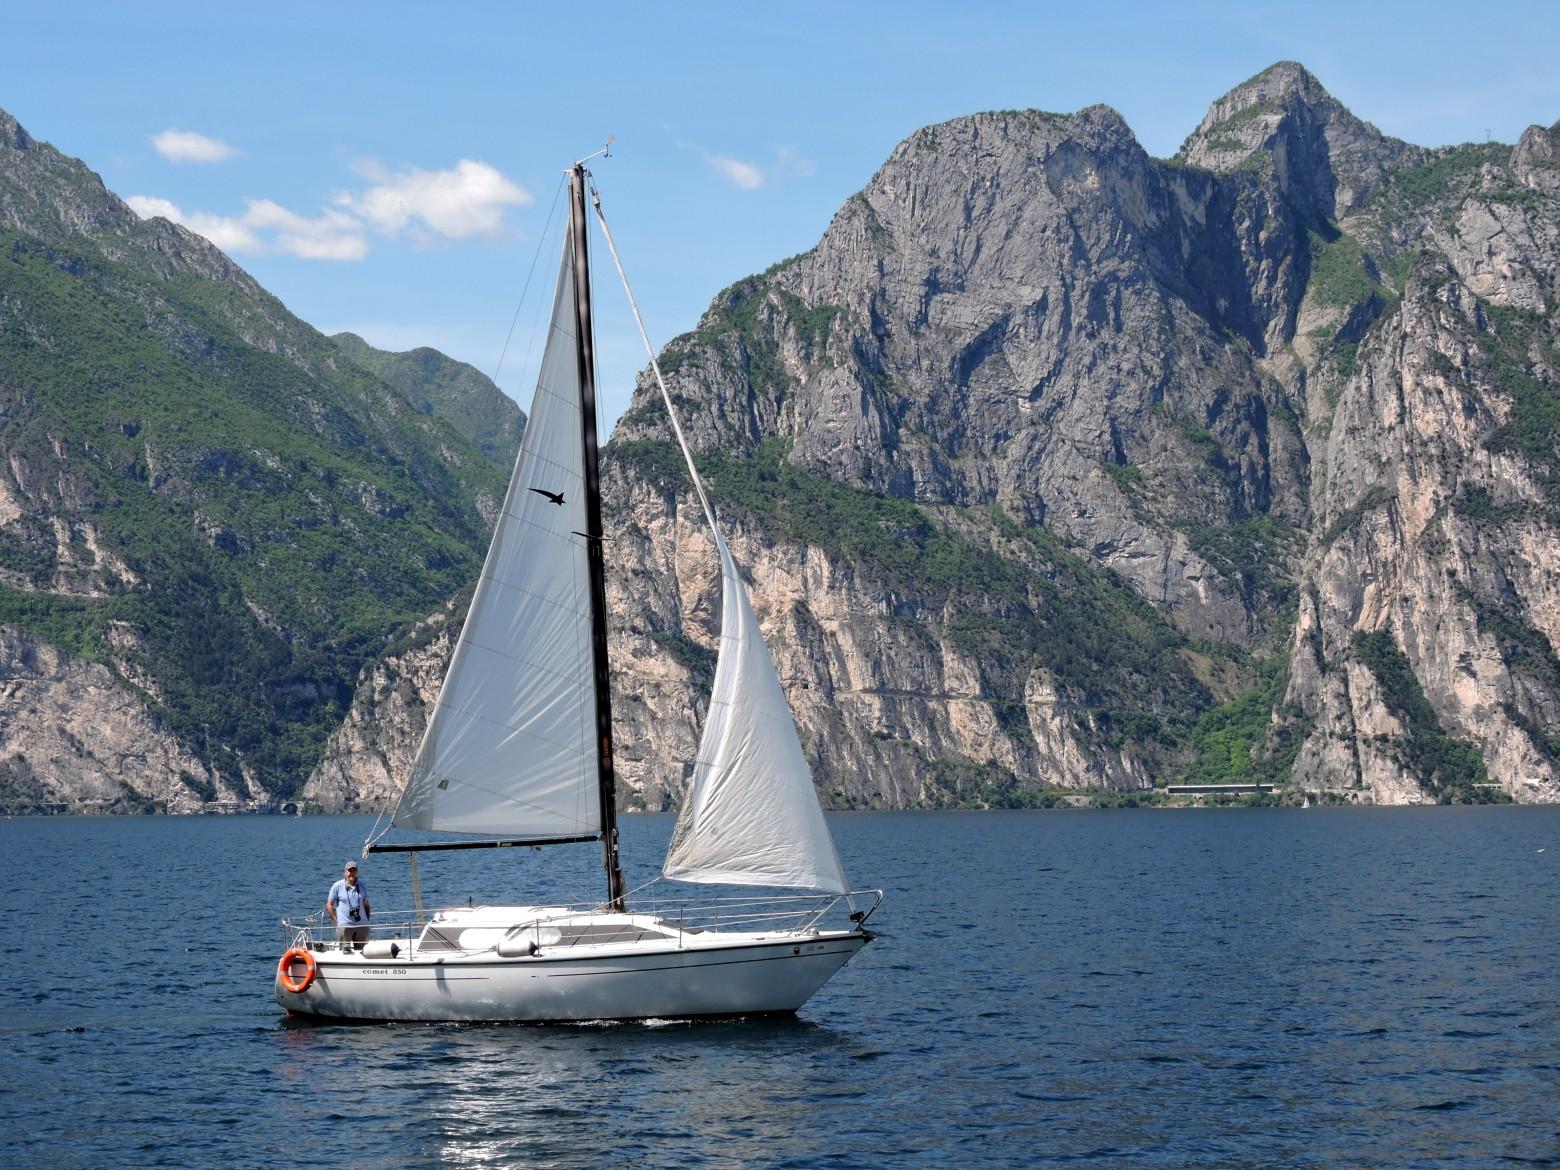 Bateau voile voilier images photos gratuites images - Photo de voilier gratuite ...